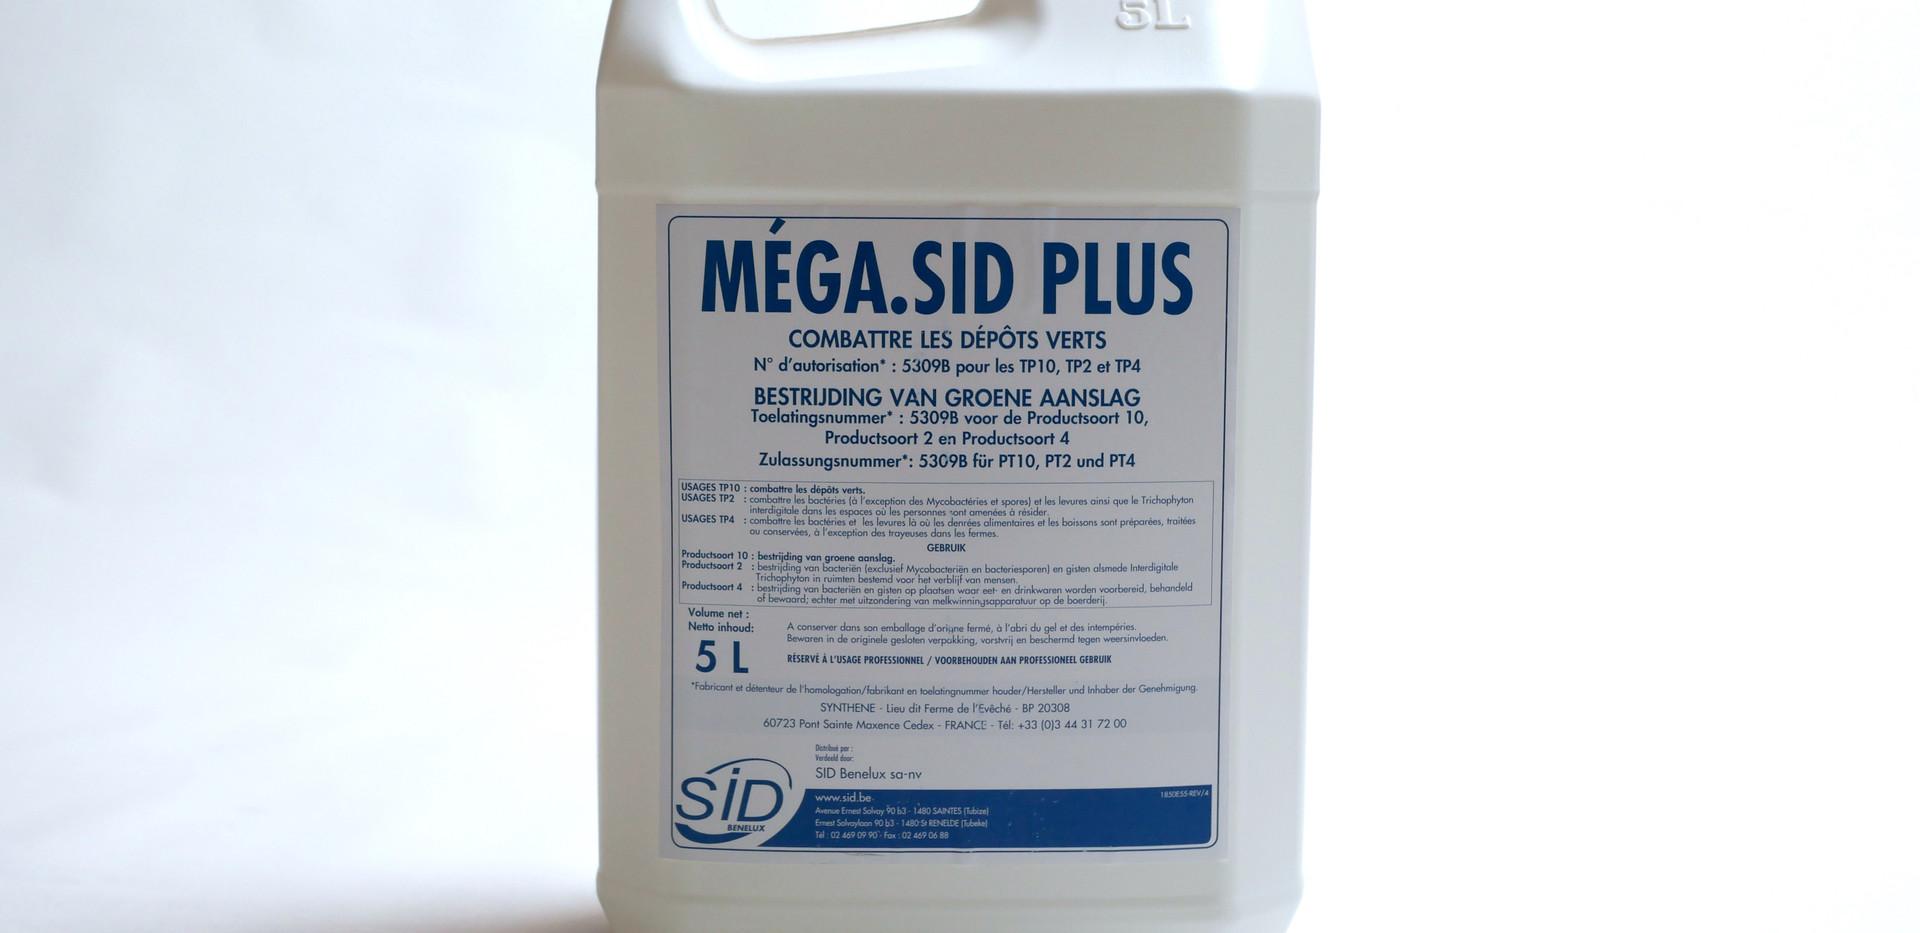 Mega.Sid Plus